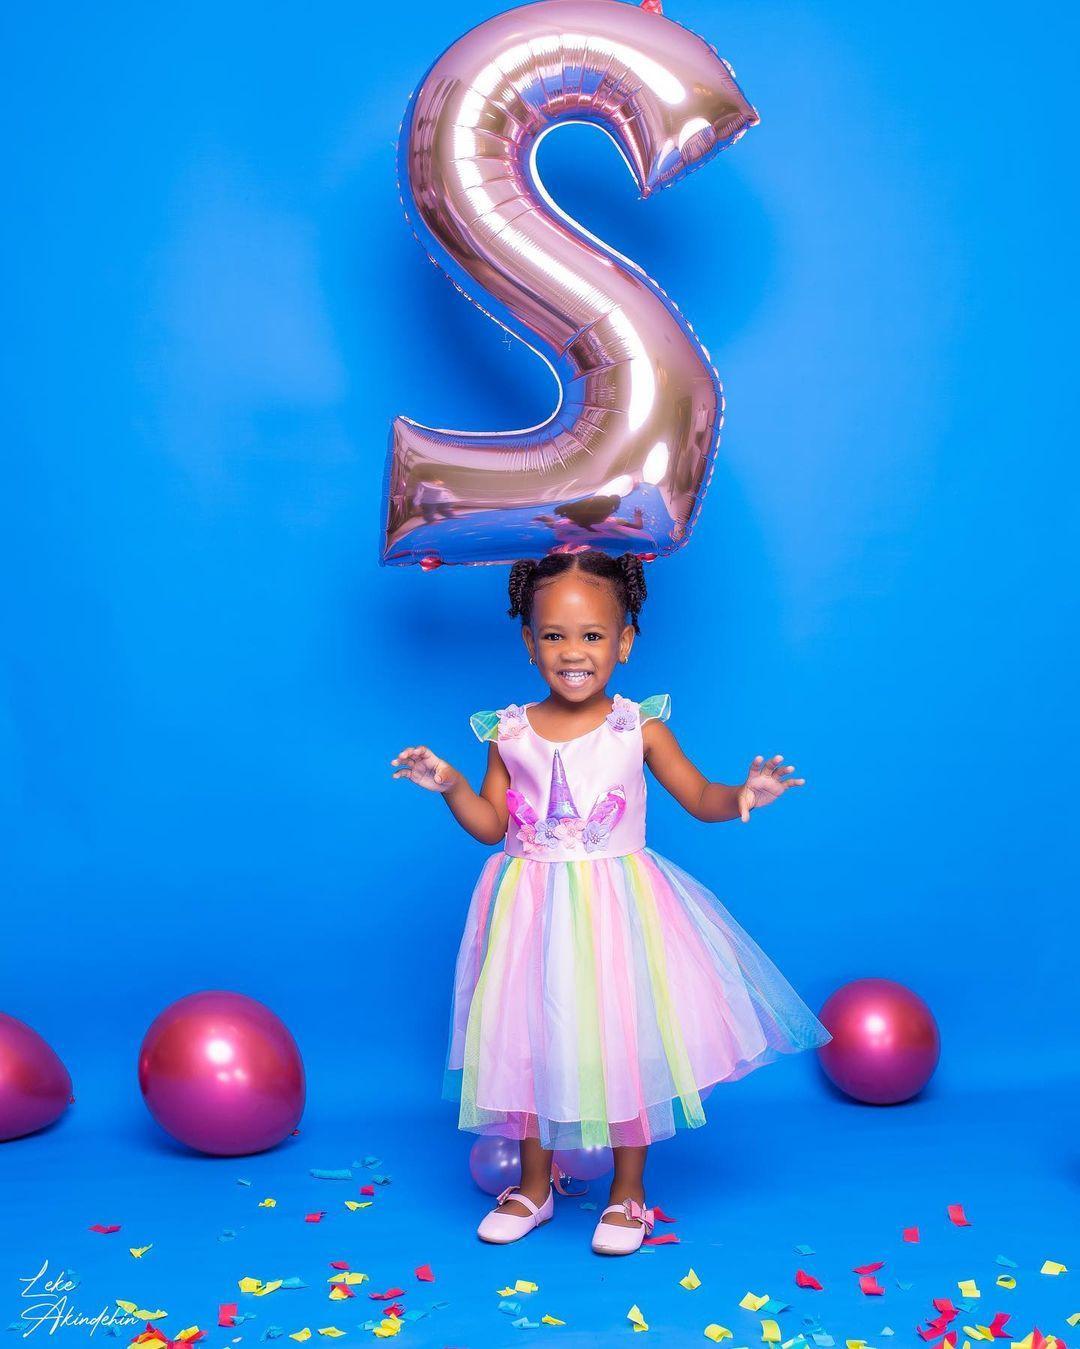 Tania daughter birthday Wizkid